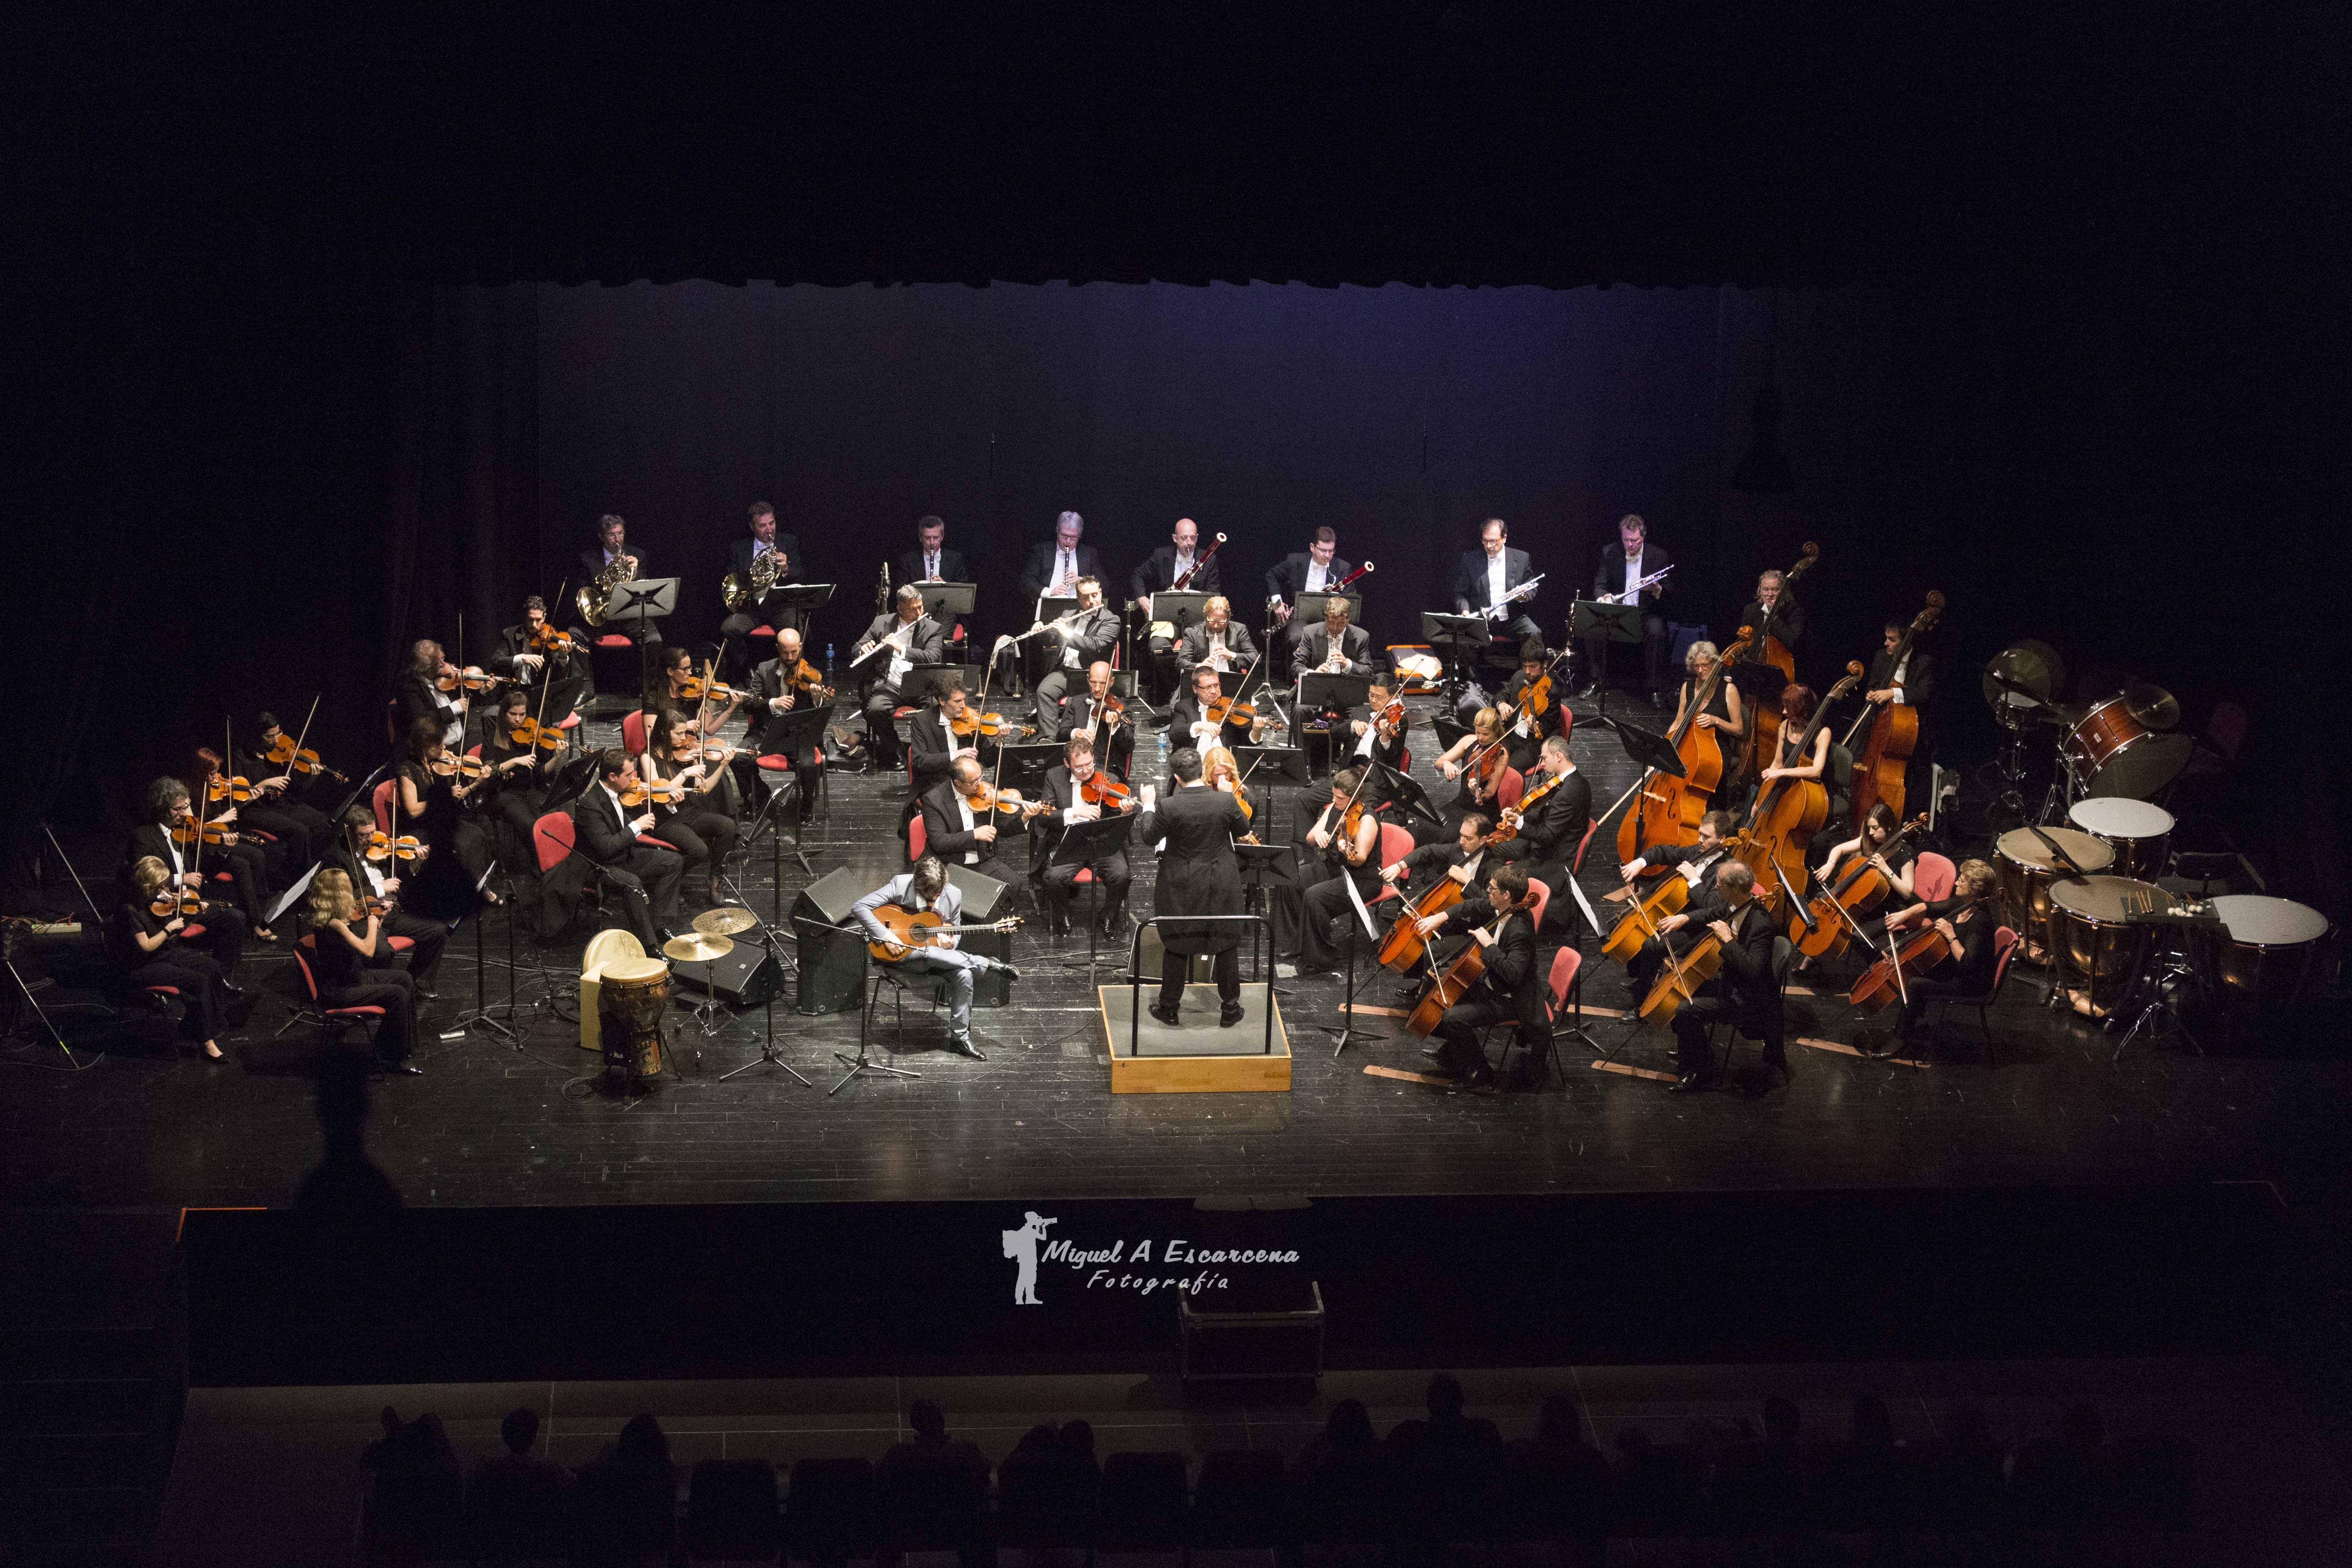 Imagen del espectáculo - Concierto de Aranjuez